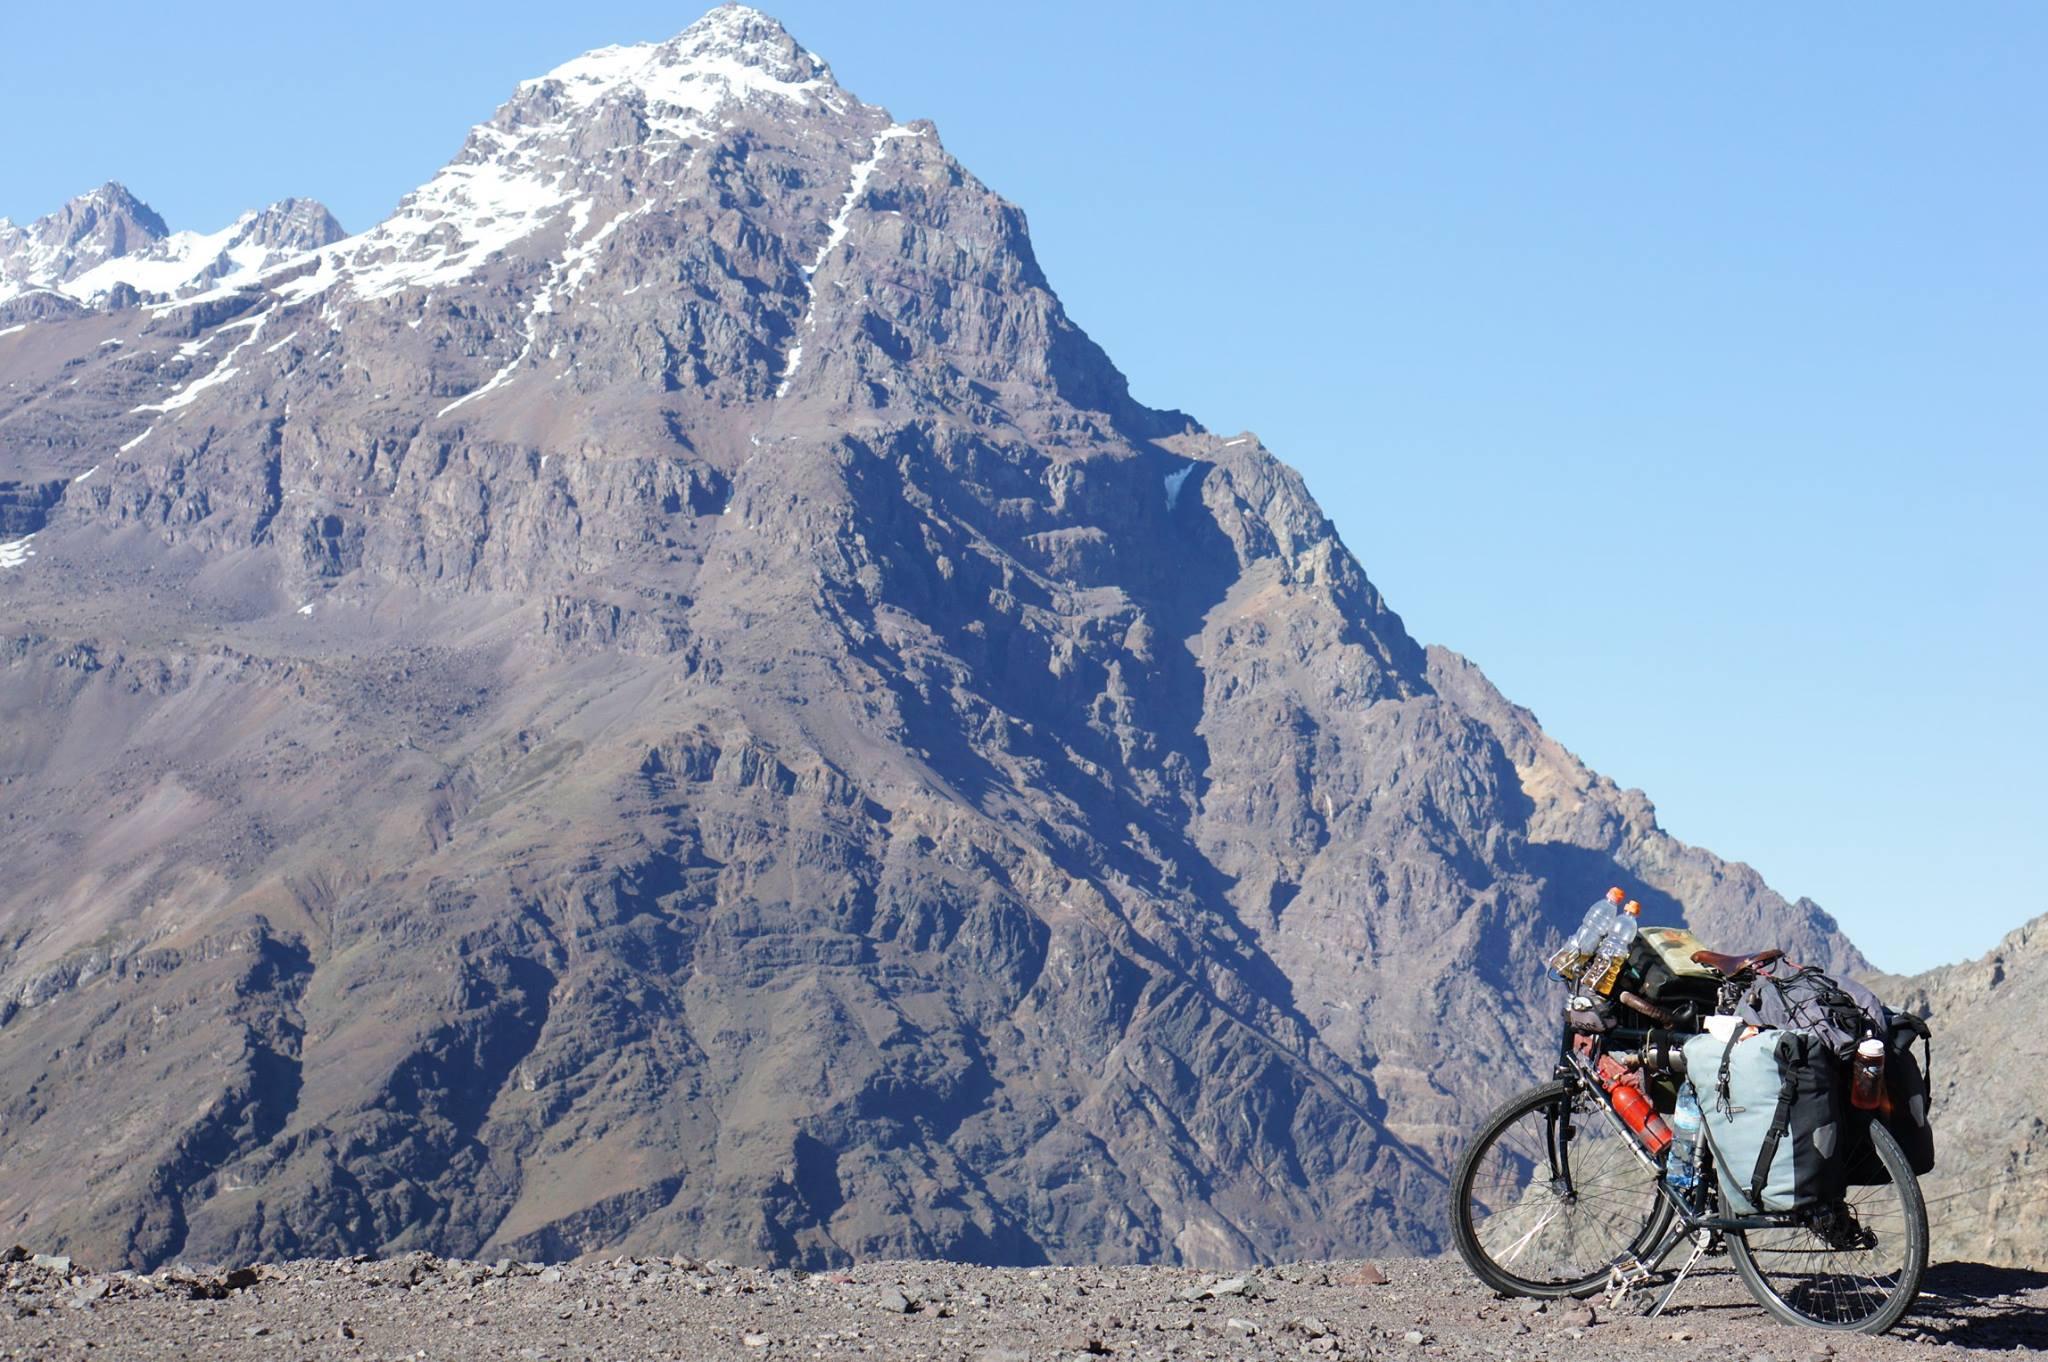 冒険に出たくなること間違いなし!旅の写真が素敵すぎて声がでない【伊藤篤史の自転車世界一周写真集】 (54)